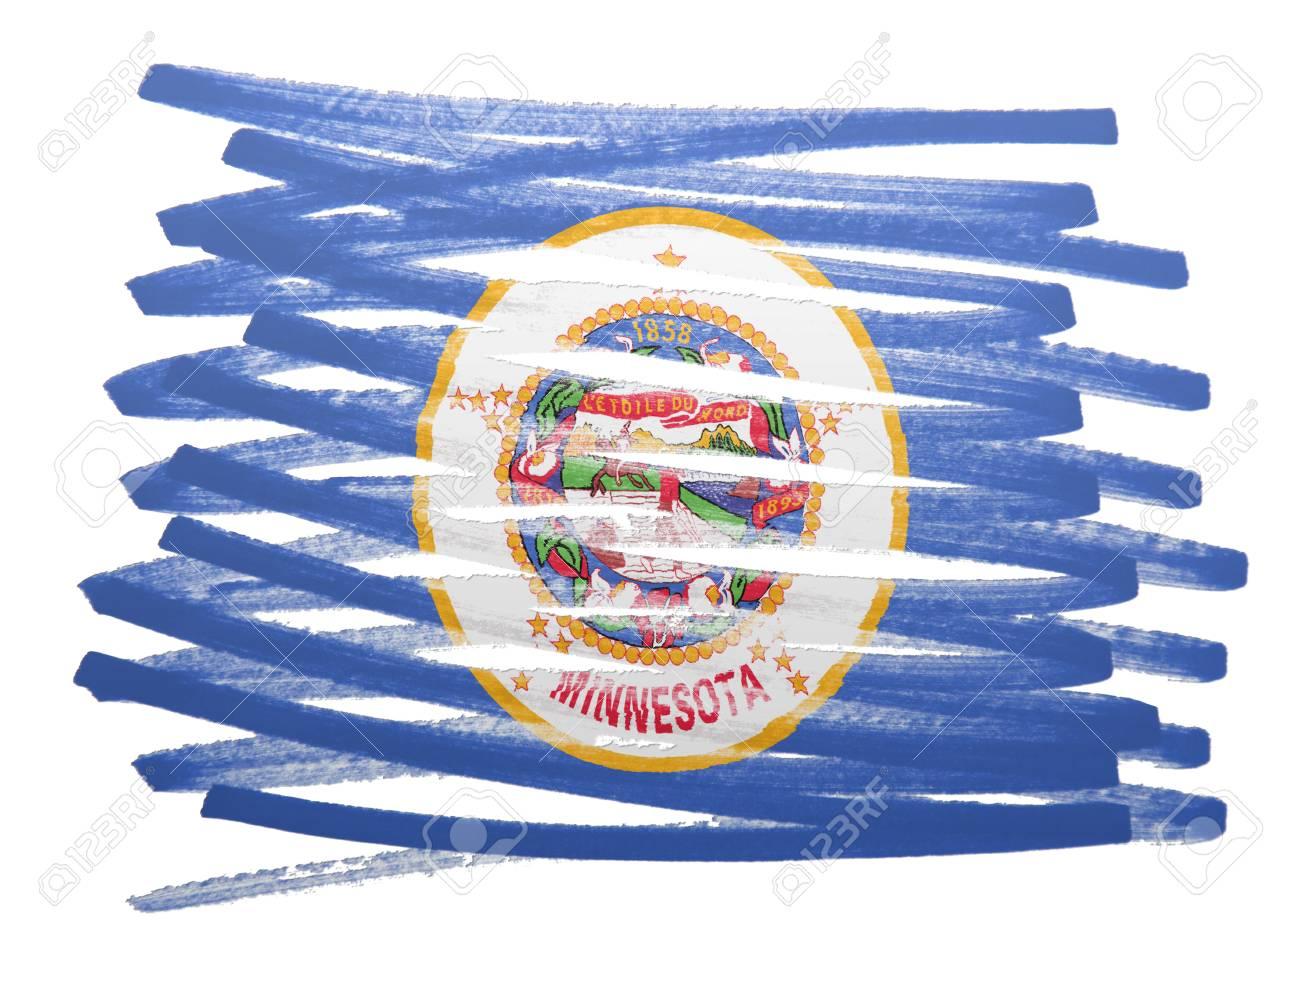 Ilustración De La Bandera Hecha Con Pluma - Minnesota Fotos ...